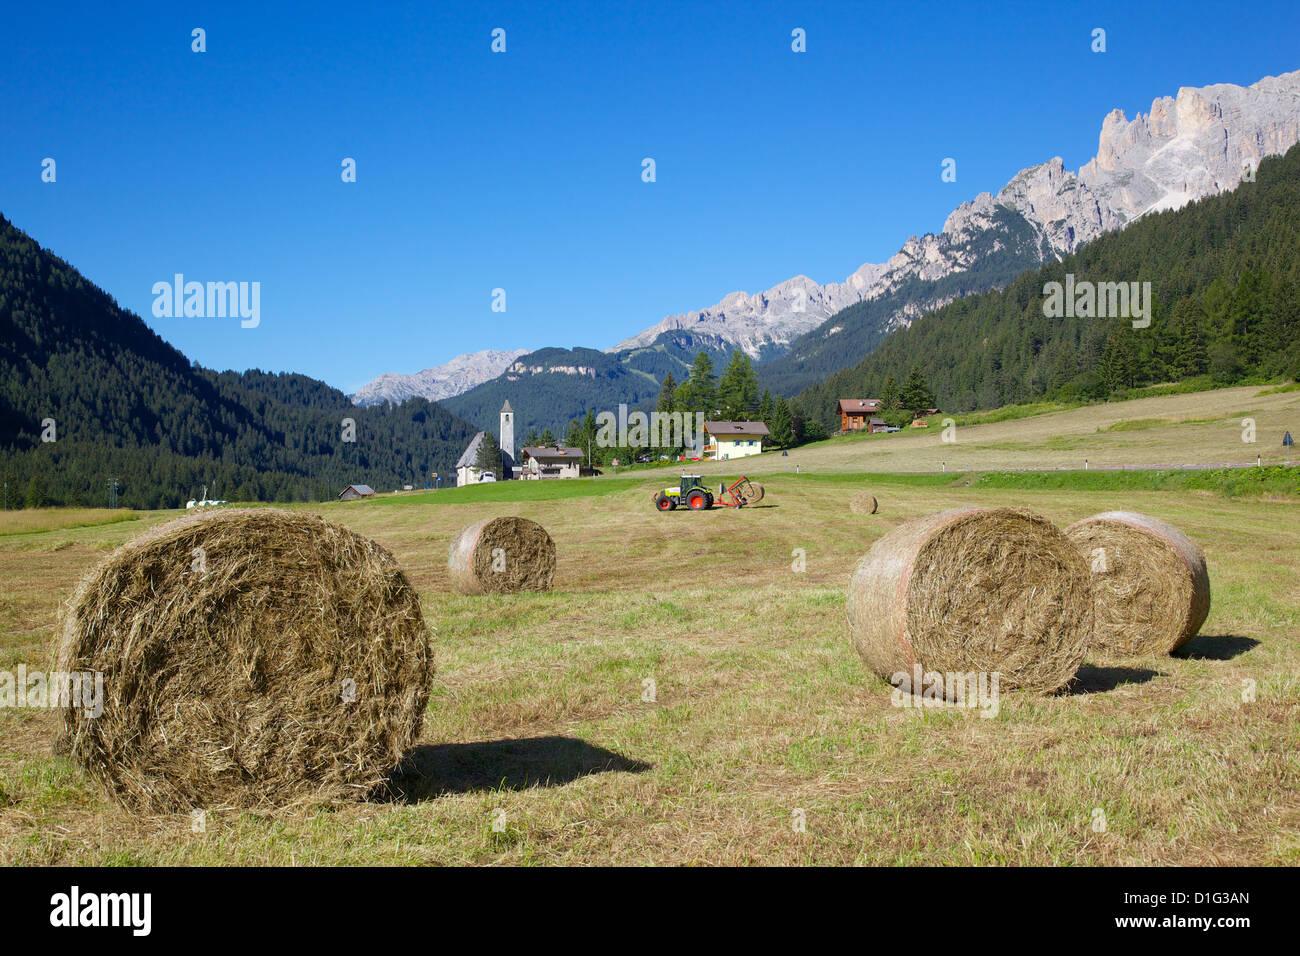 Campo di fieno vicino a Canazei, Canazei, Trentino Alto Adige, Italia, Europa Immagini Stock